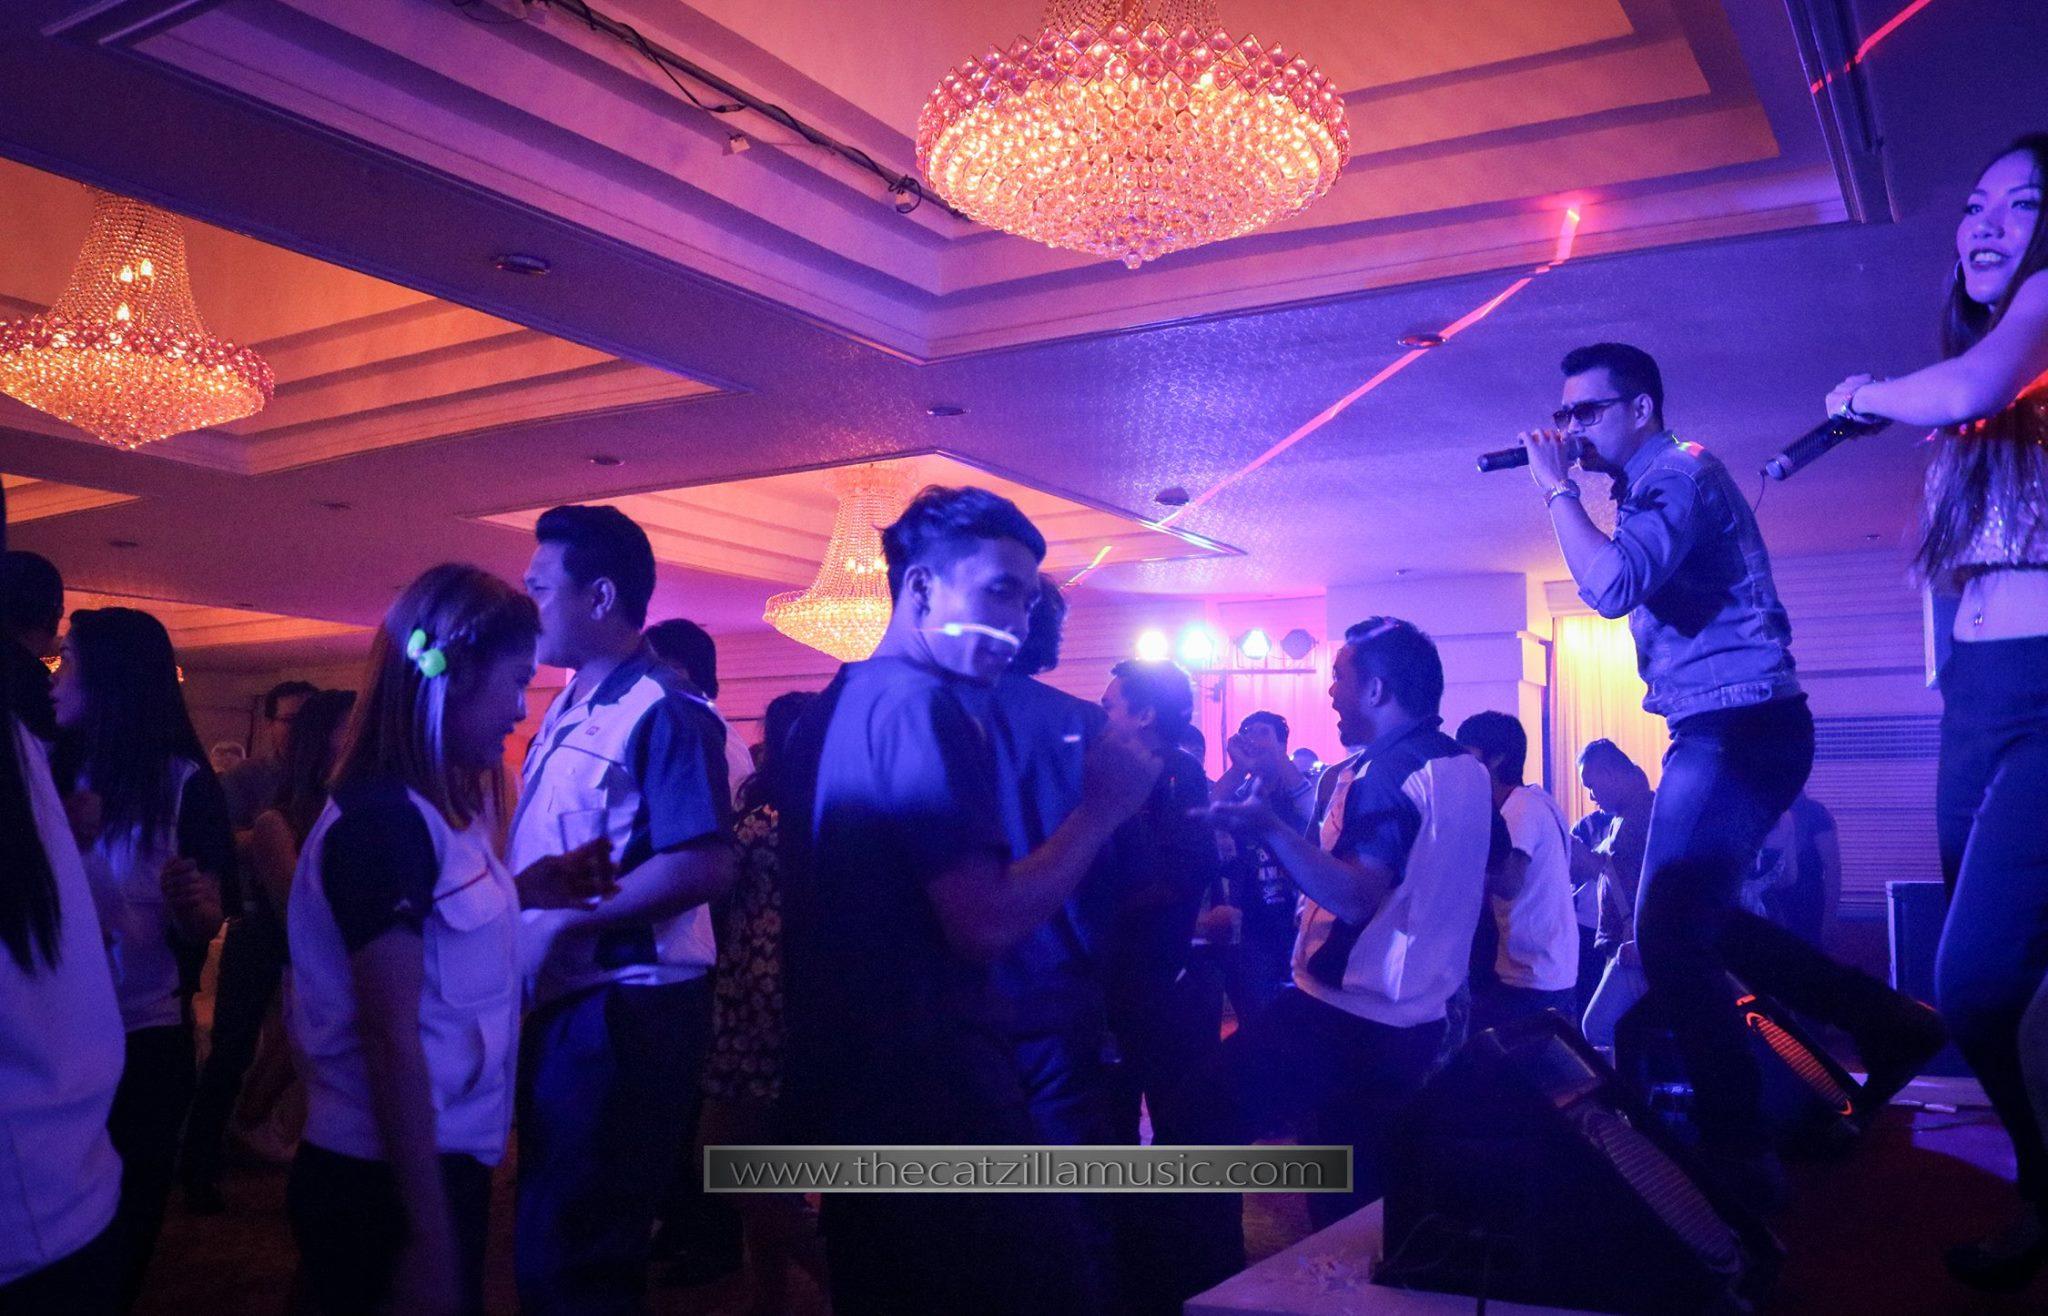 วงดนตรีงานเลี้ยง After Party งานแต่งงาน บุ๋นแบนด์ วงดนตรีสด After party wedding วงดนตรีงานแต่งงาน thecatzillamusic Avana 5